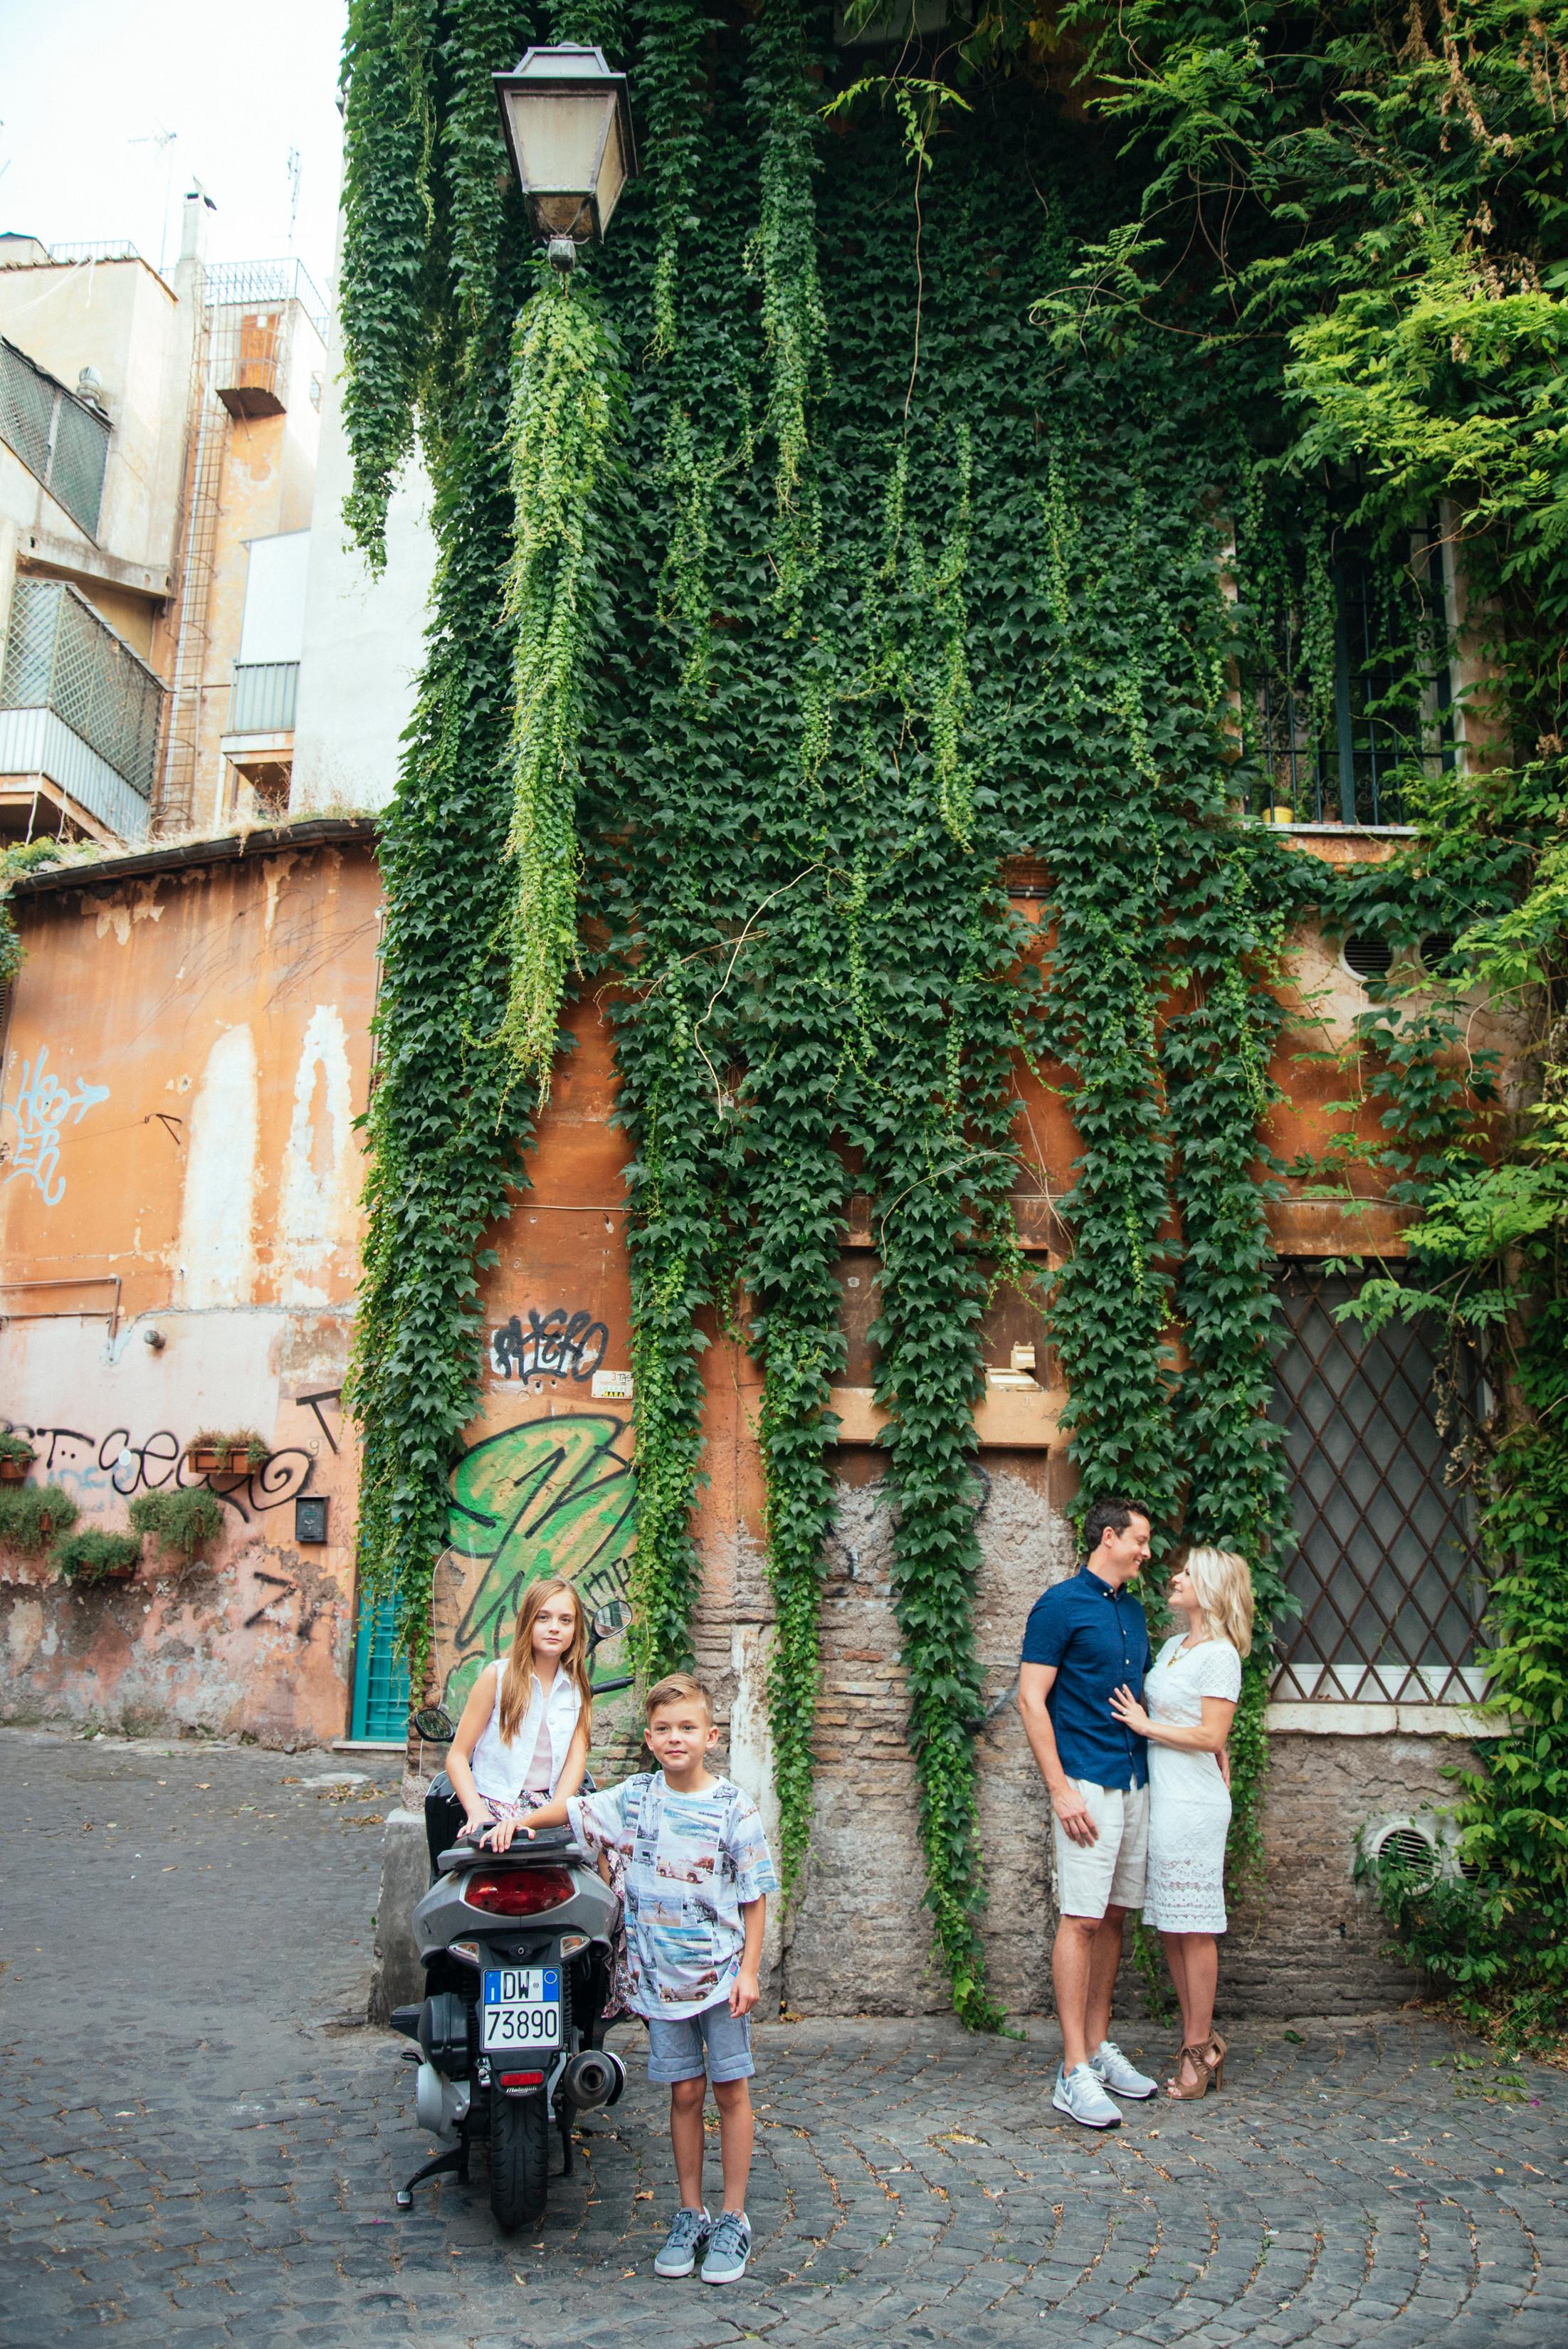 Flytographer:  Francesco in Rome